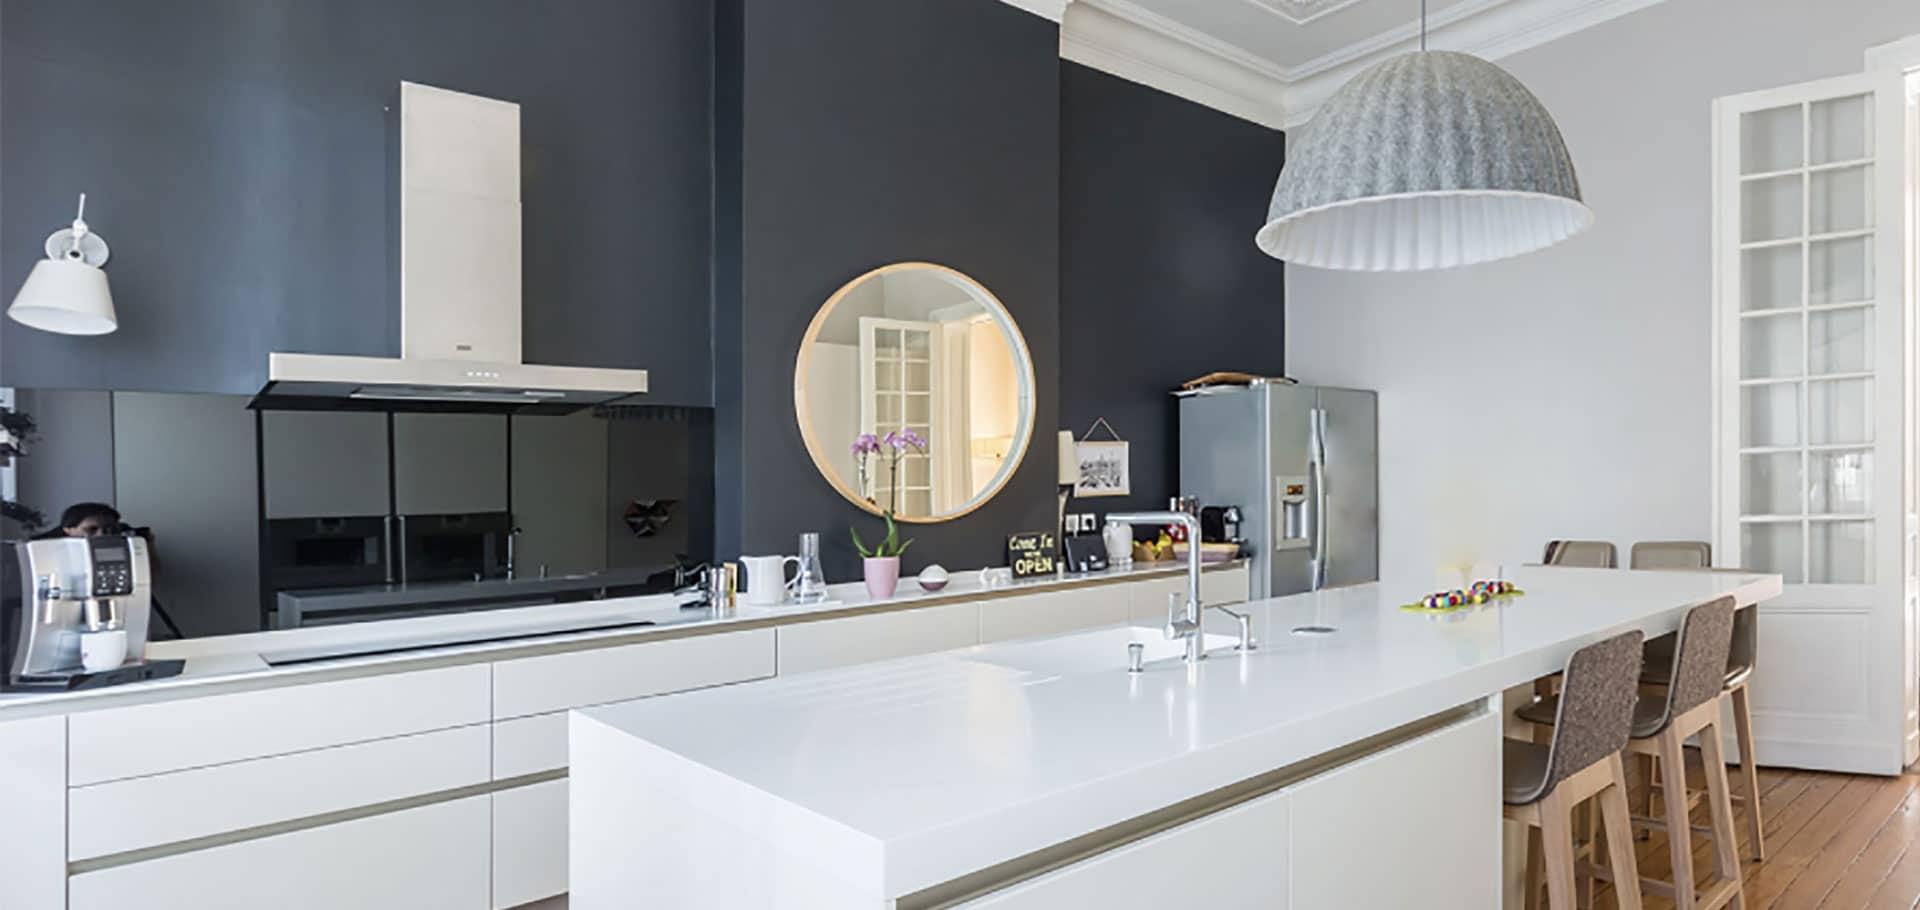 location salle cuisine bordeaux